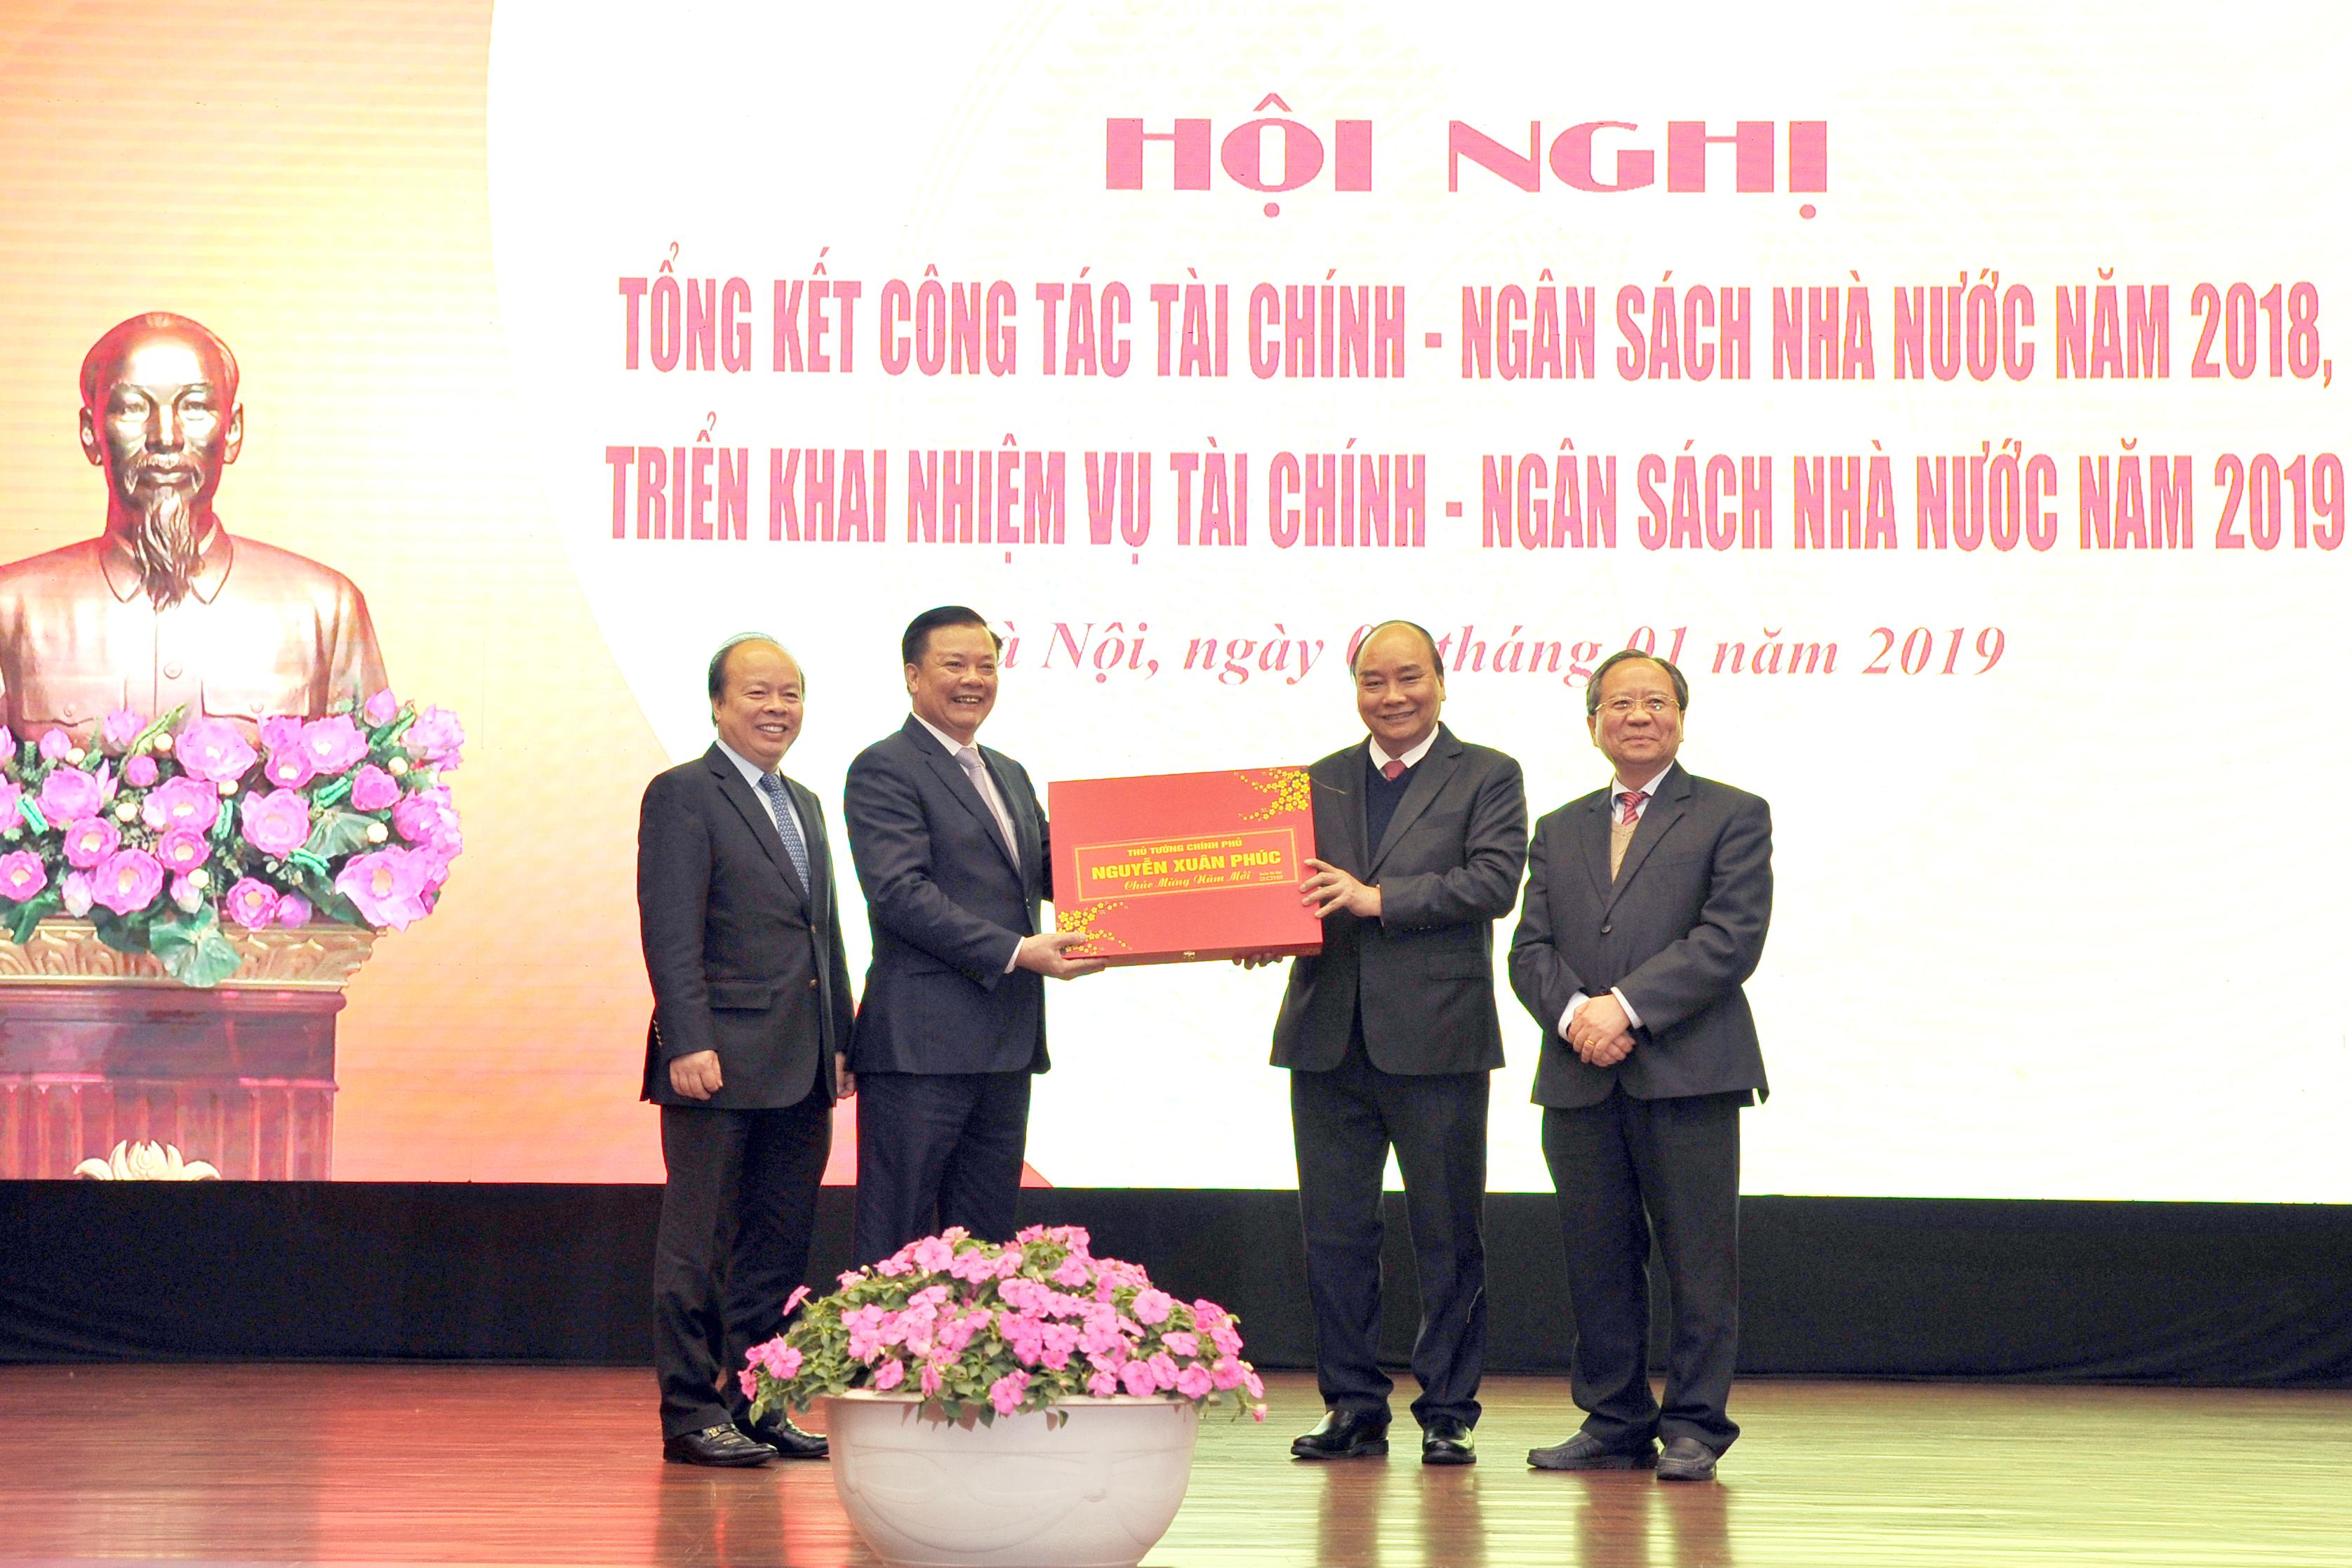 Thủ tướng Nguyễn Xuân Phúc chúc mừng thành tích nổi bật của ngành Tài chính năm 2018.